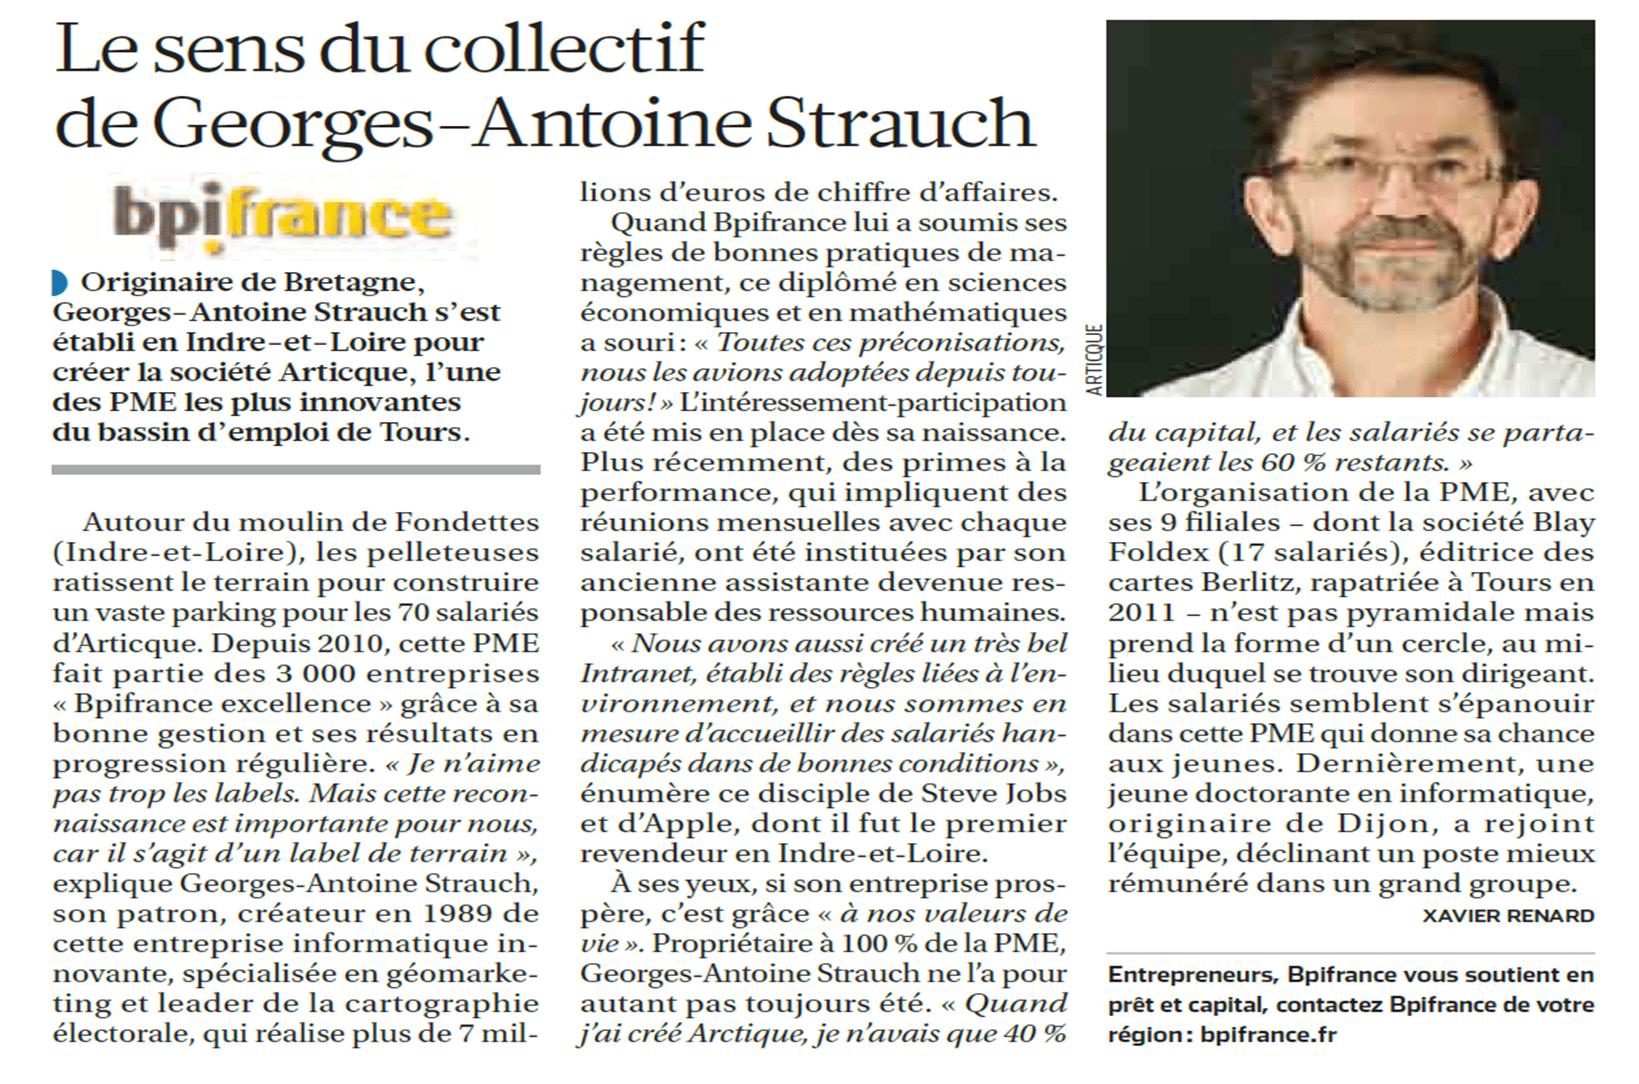 Le sens du collectif de Georges-Antoine Strauch - La Croix